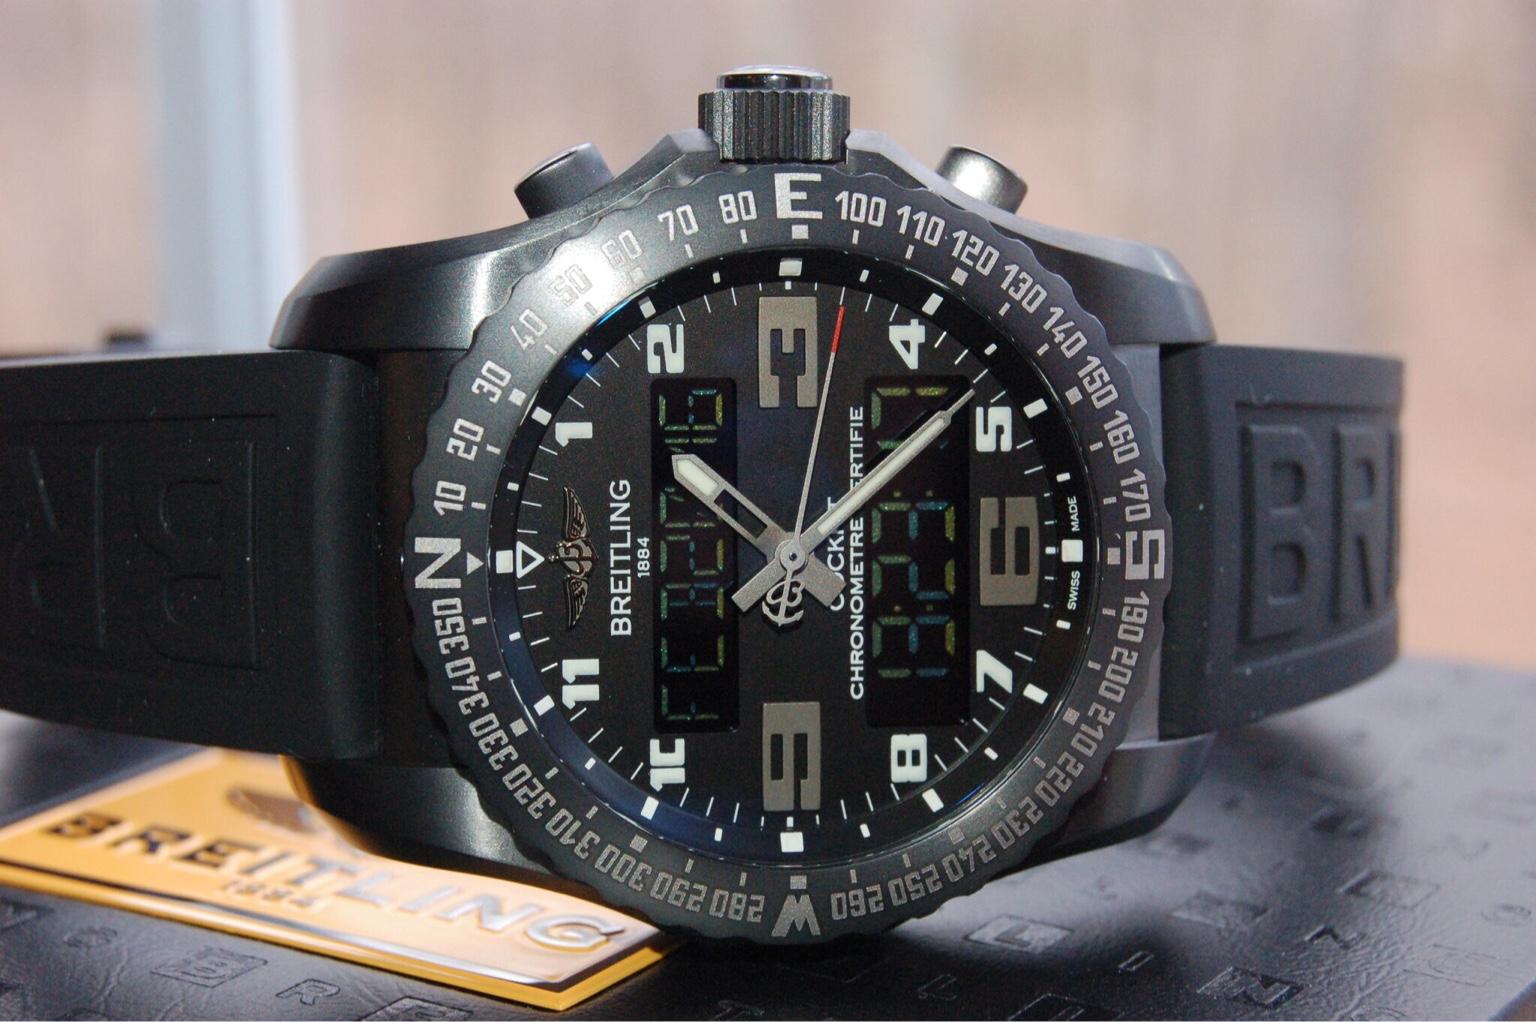 Приобретая часы breitling professional cockpit b50 vbd3/l/s/v20dsa.2 в интернет-магазине novosti-rossiya.ru, вы можете быть уверены в их подлинности: все наши товары являются оригинальными швейцарскими часами.